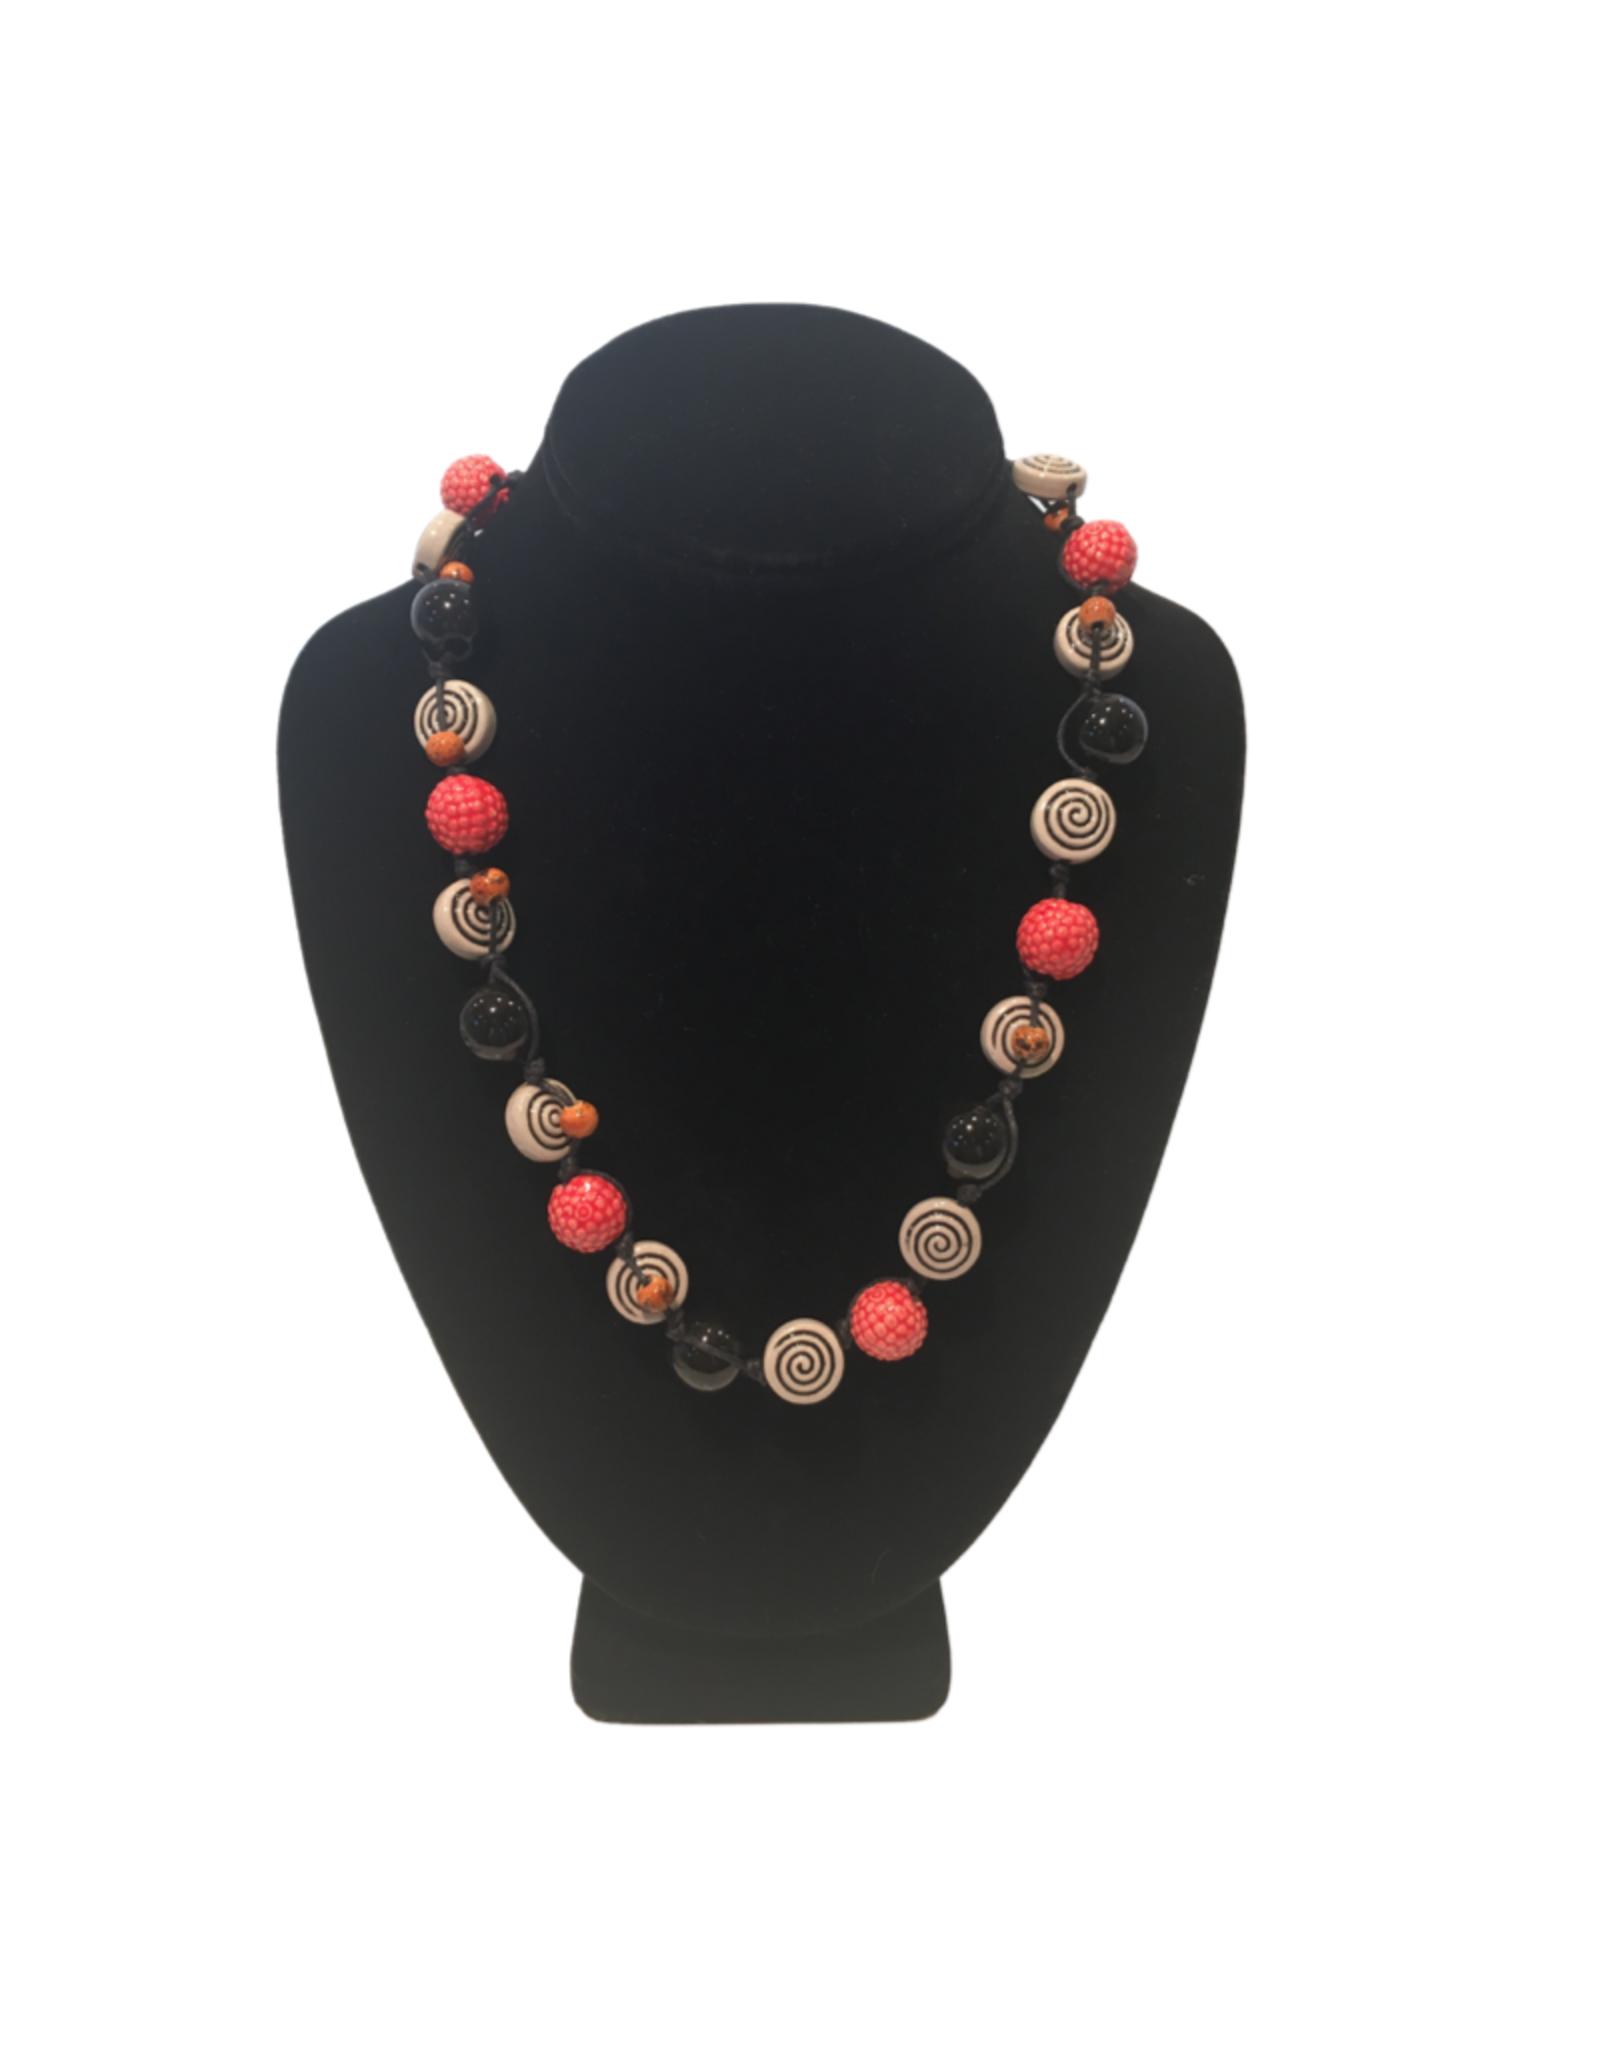 Ten Thousand Villages Ceramic Spirals Necklace